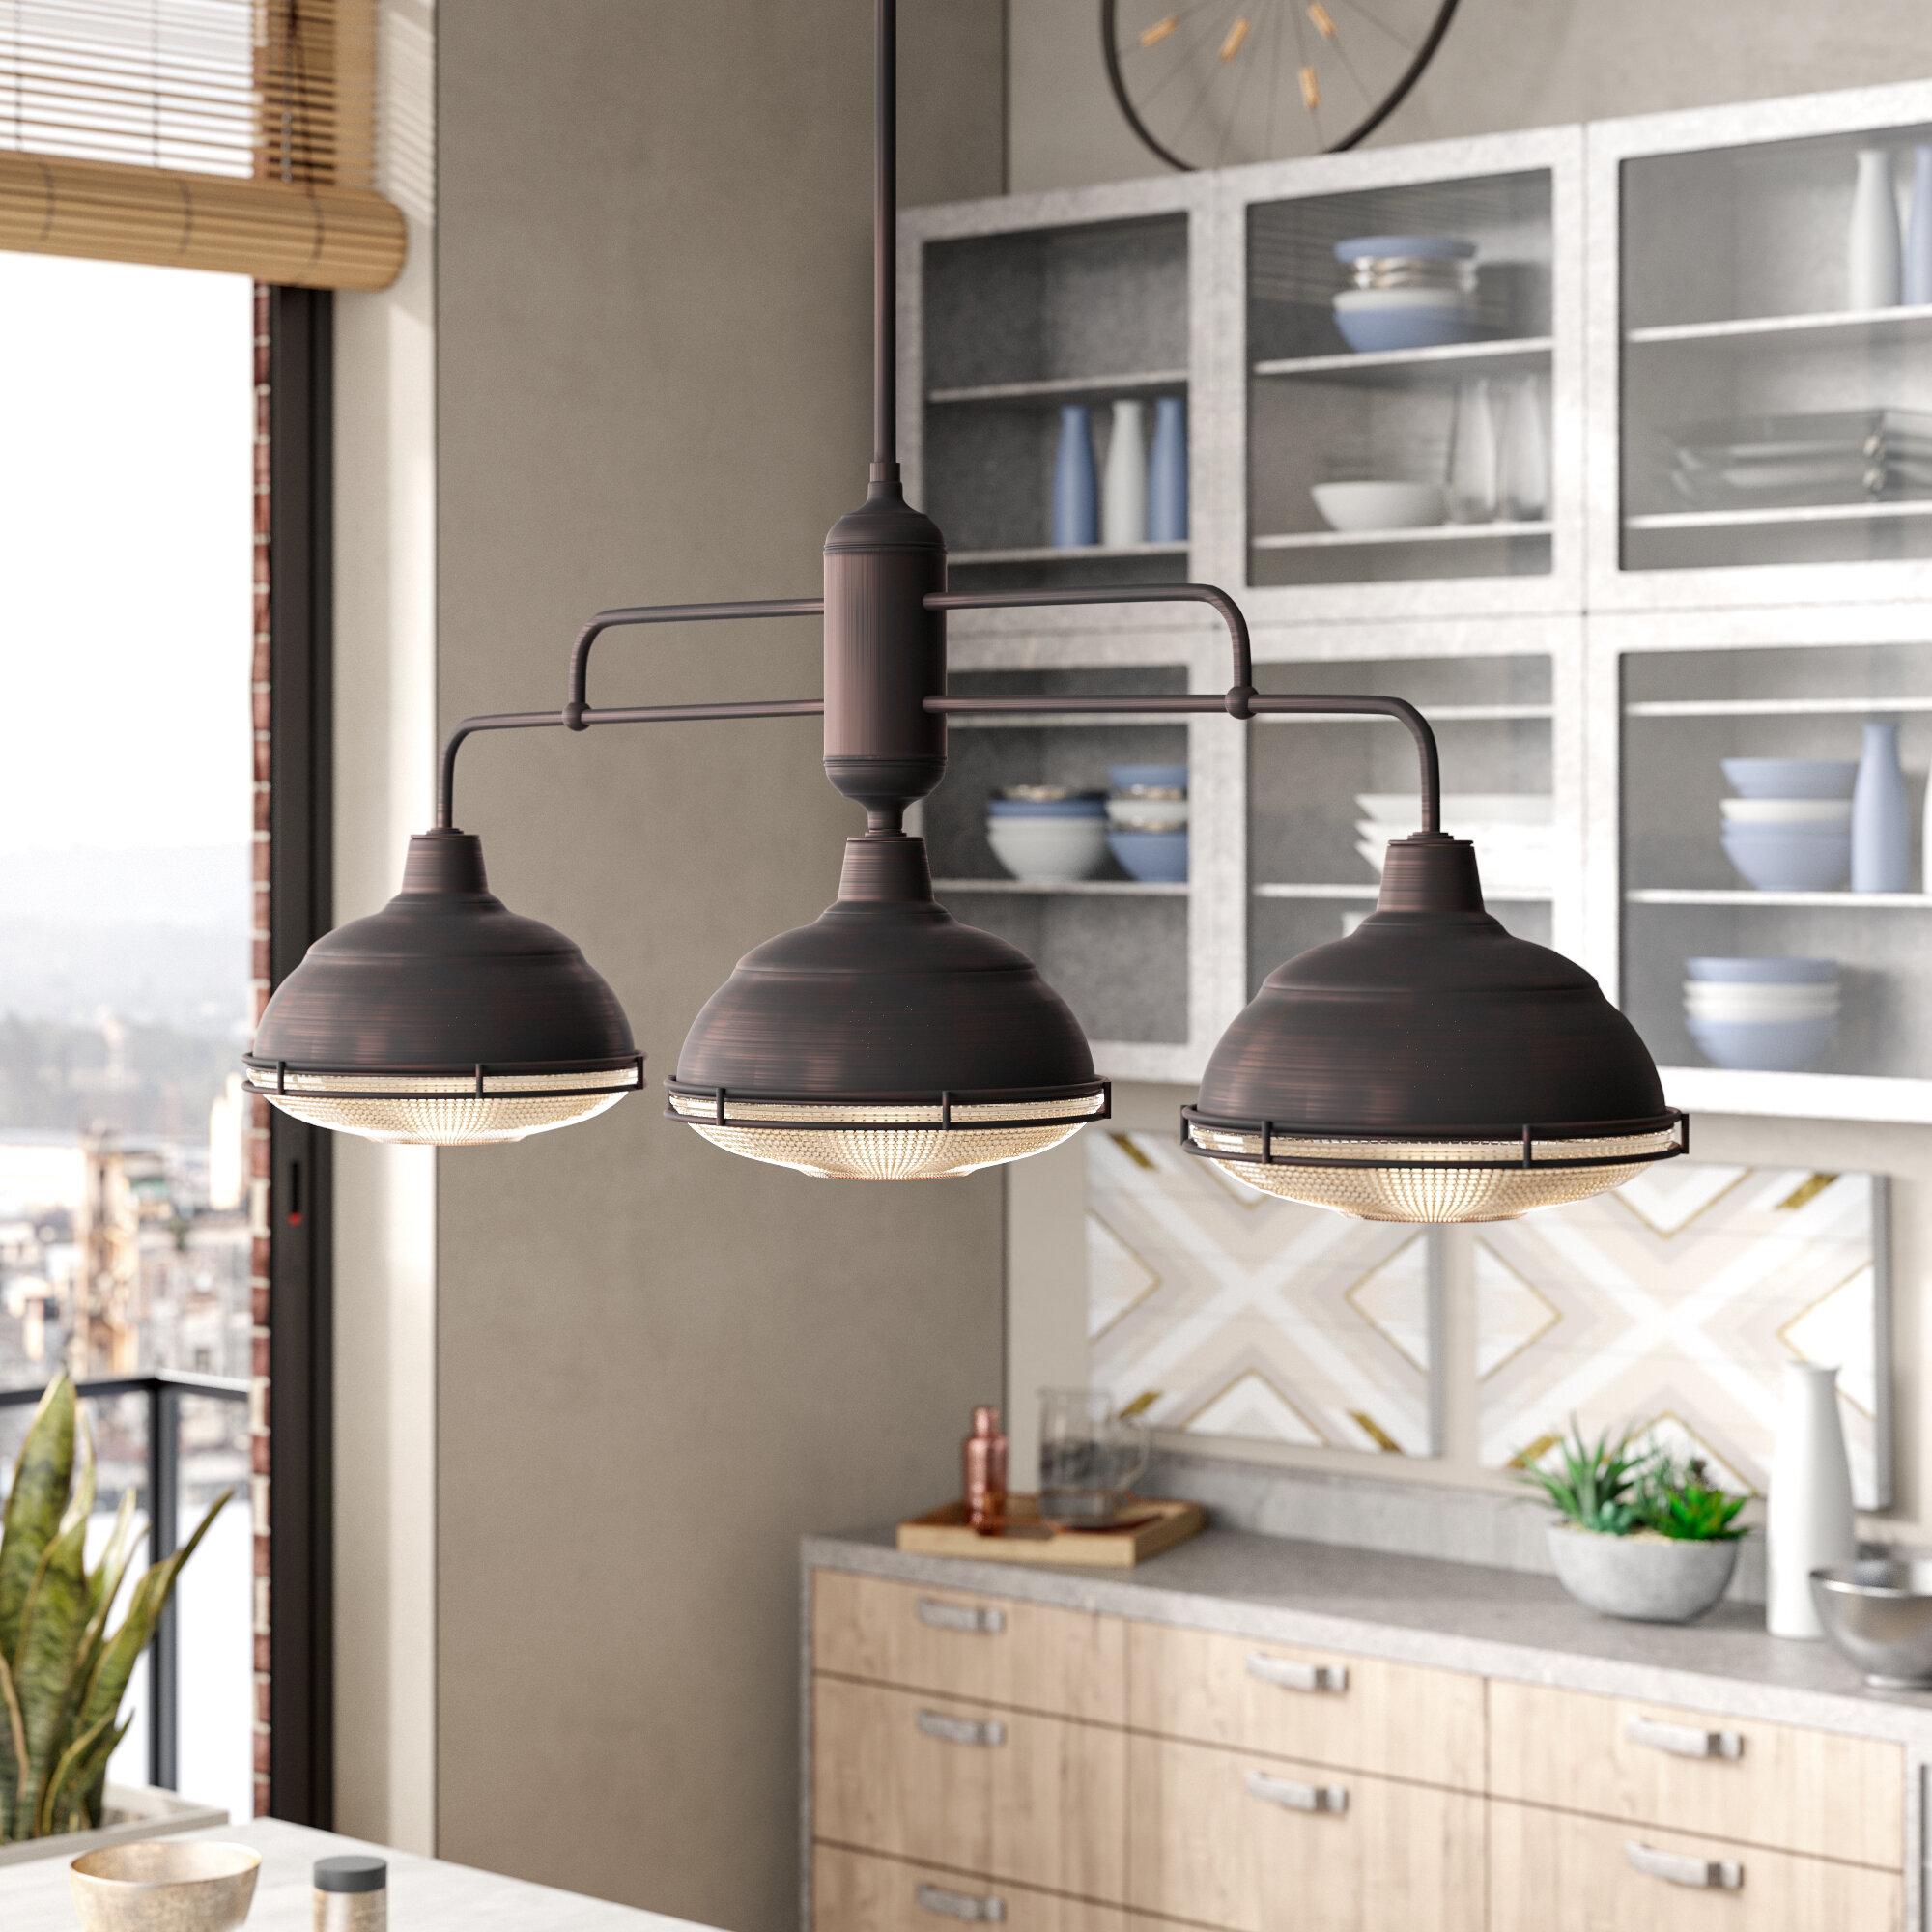 Bruges 3-Light Kitchen Island Dome Pendant